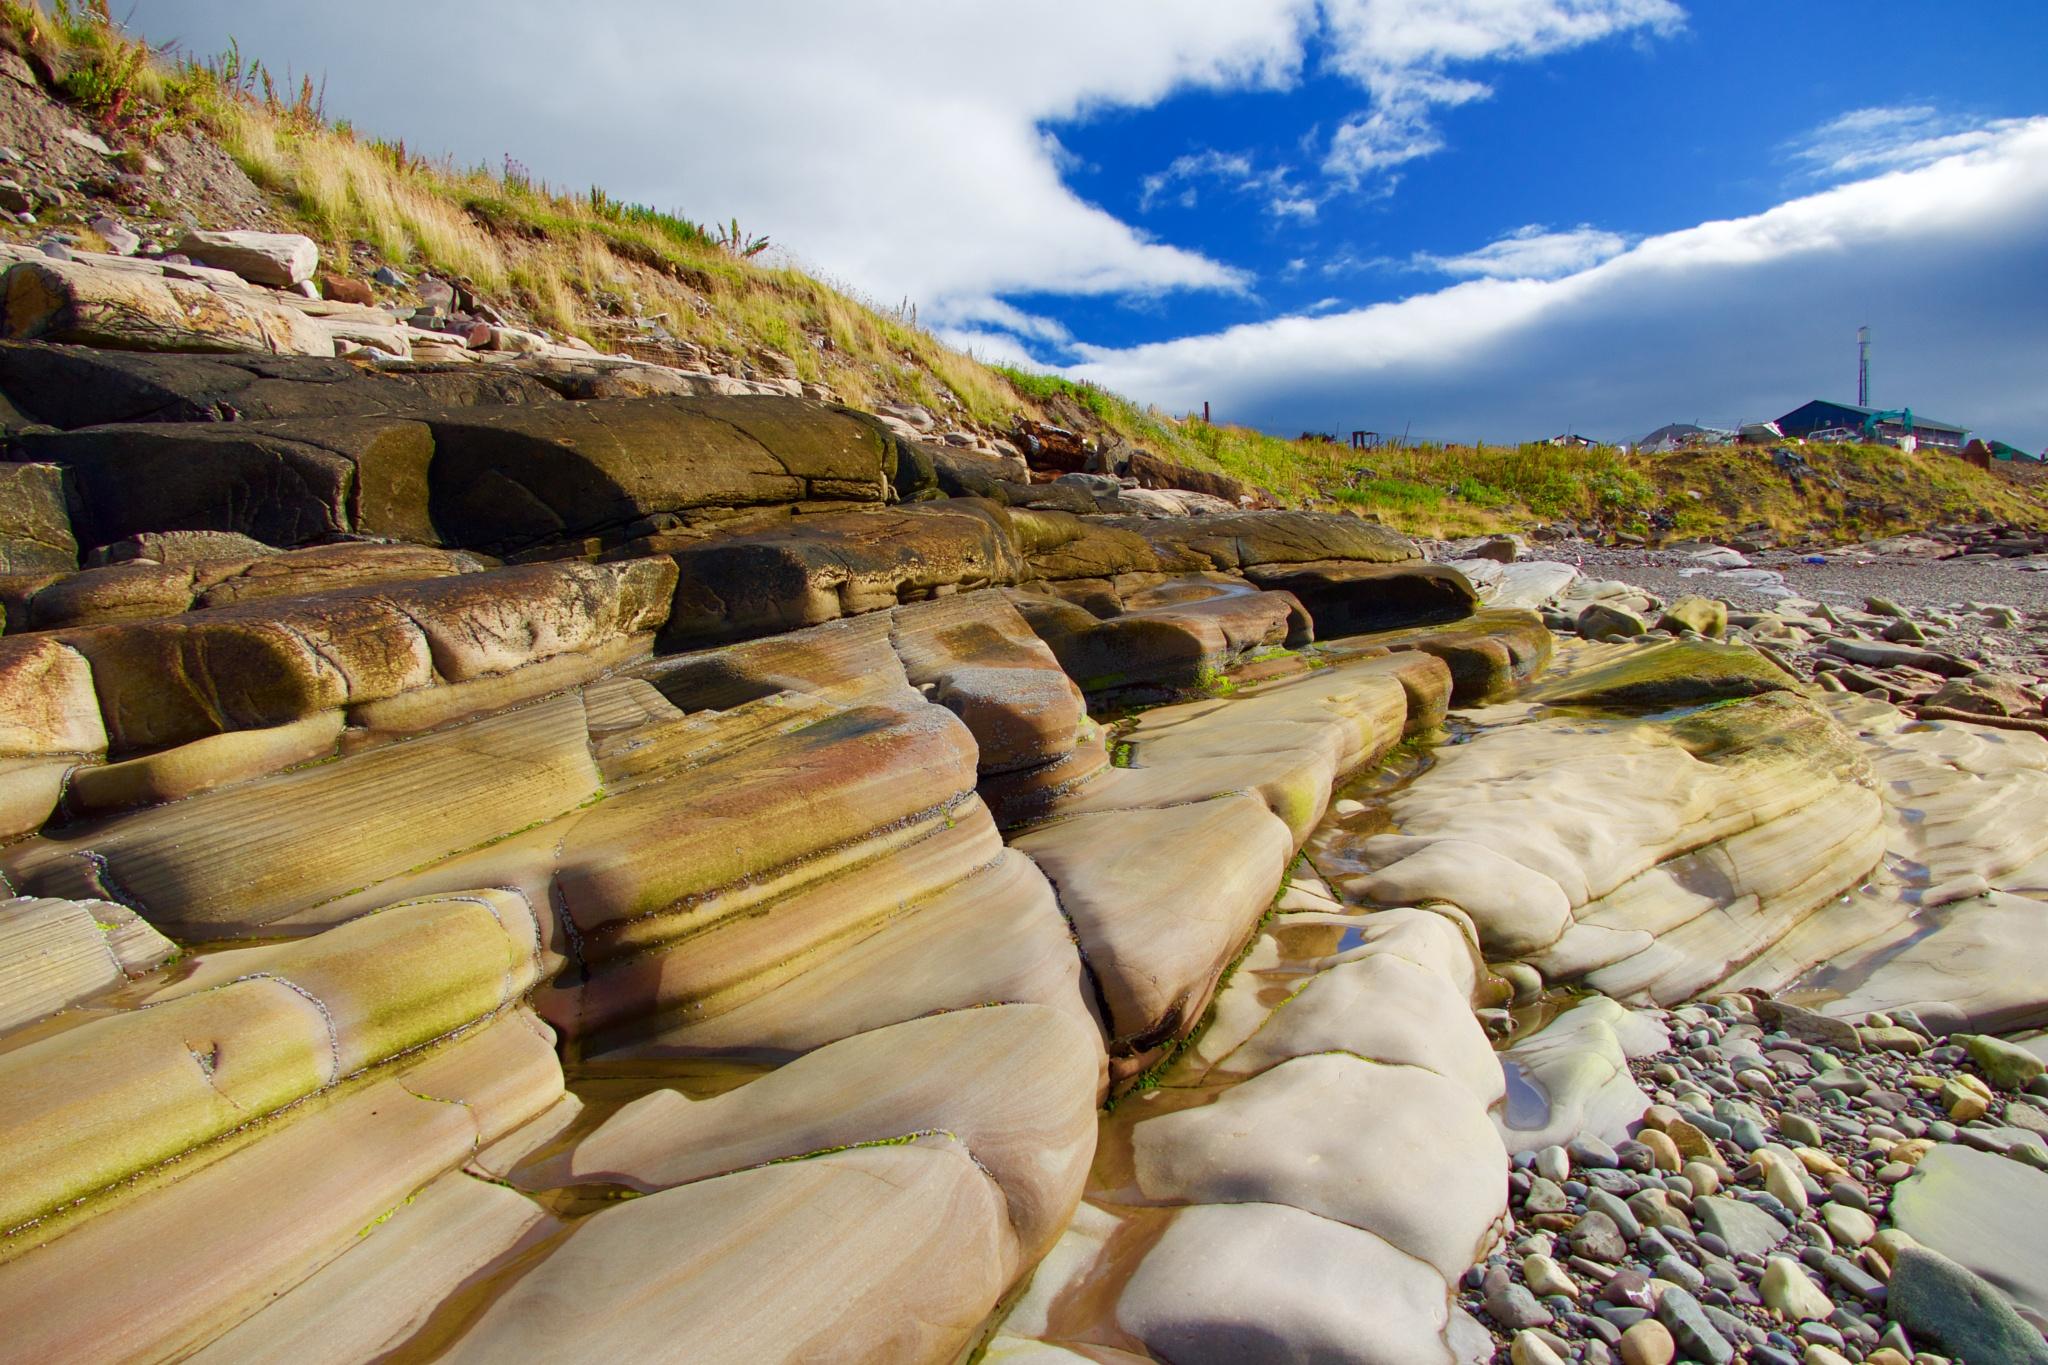 Polished stones by OleFoto